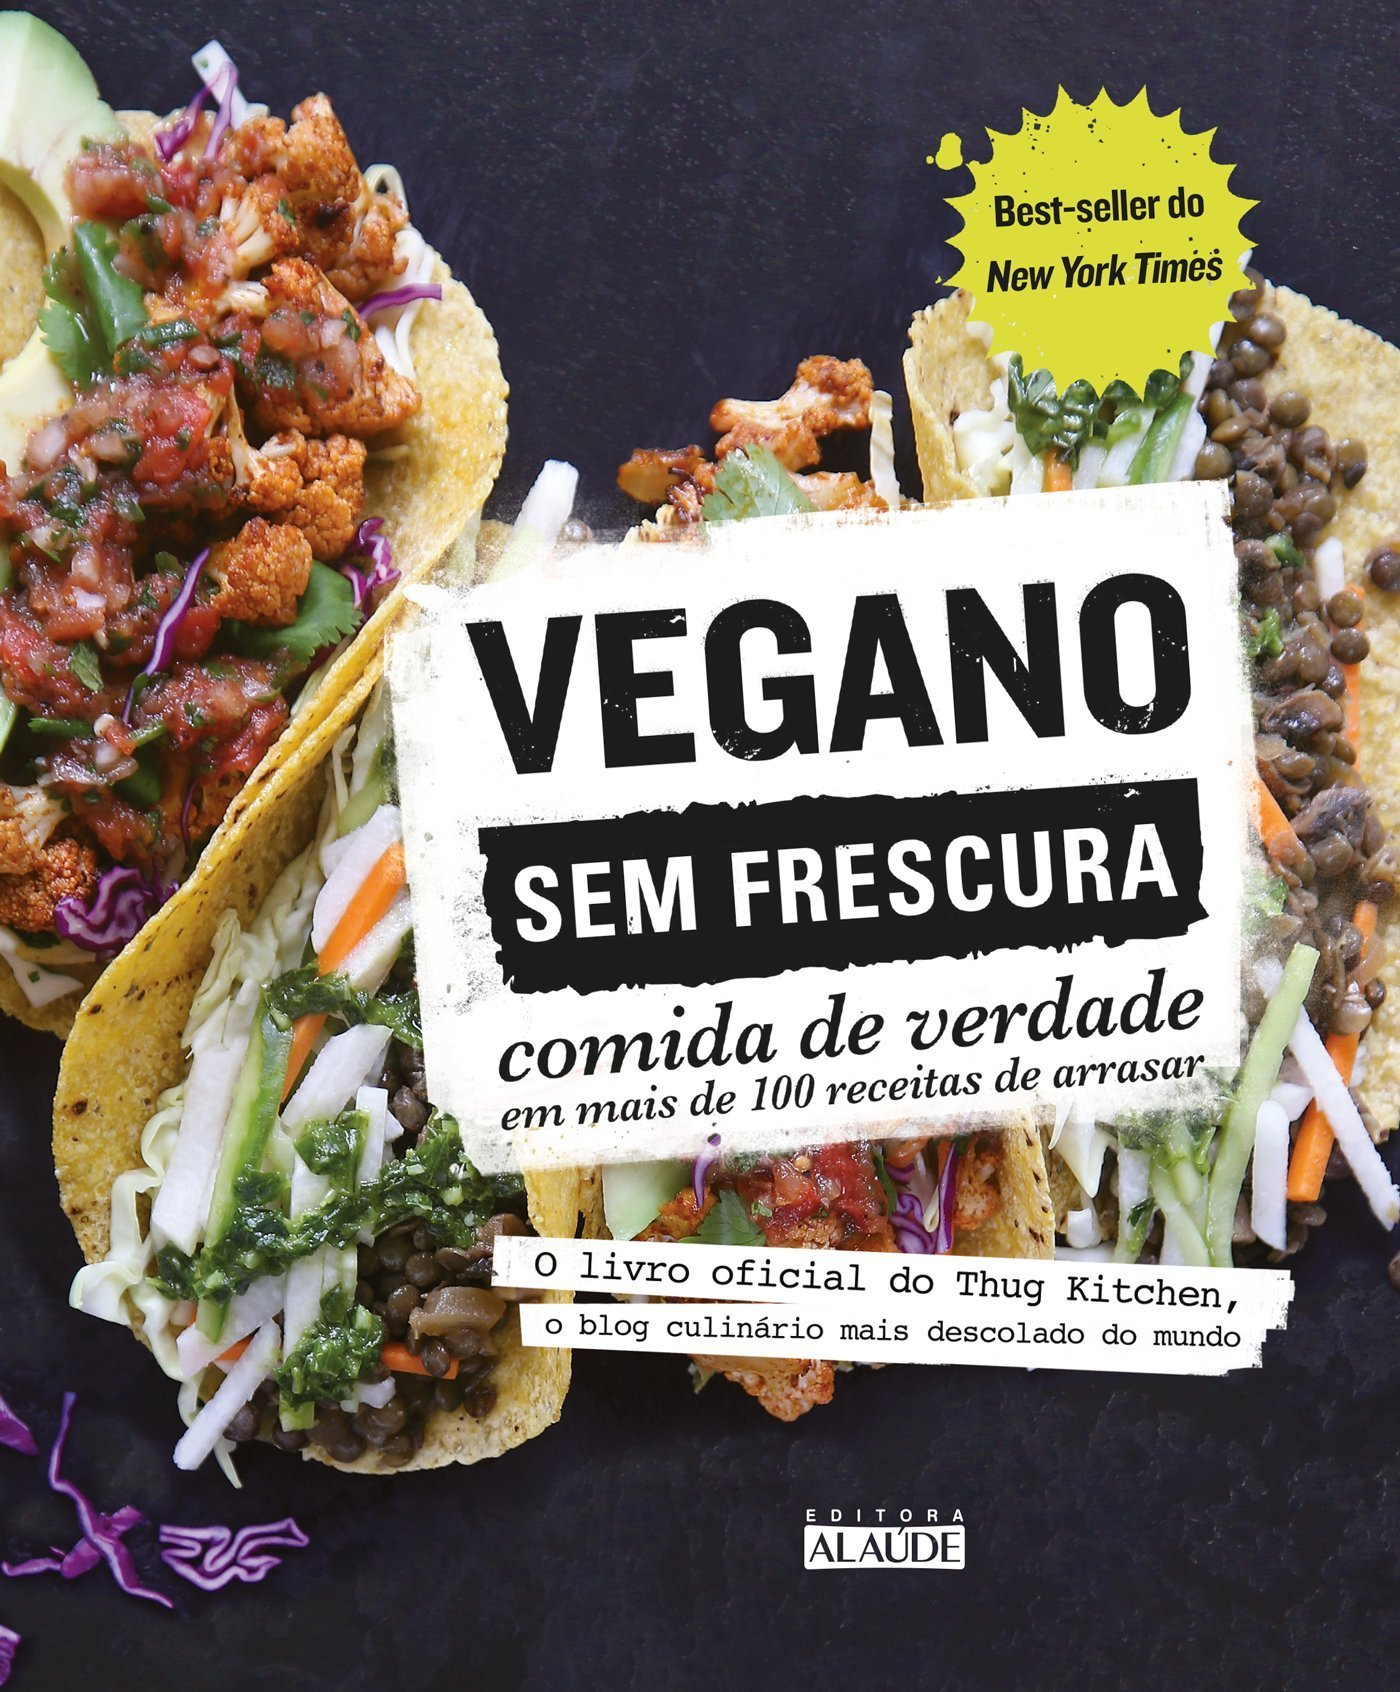 Vegano sem Frescura. Comida de Verdade em Mais de 100 Receitas de Arrasar Em Portuguese do Brasil: Amazon.es: Vários Autores: Libros